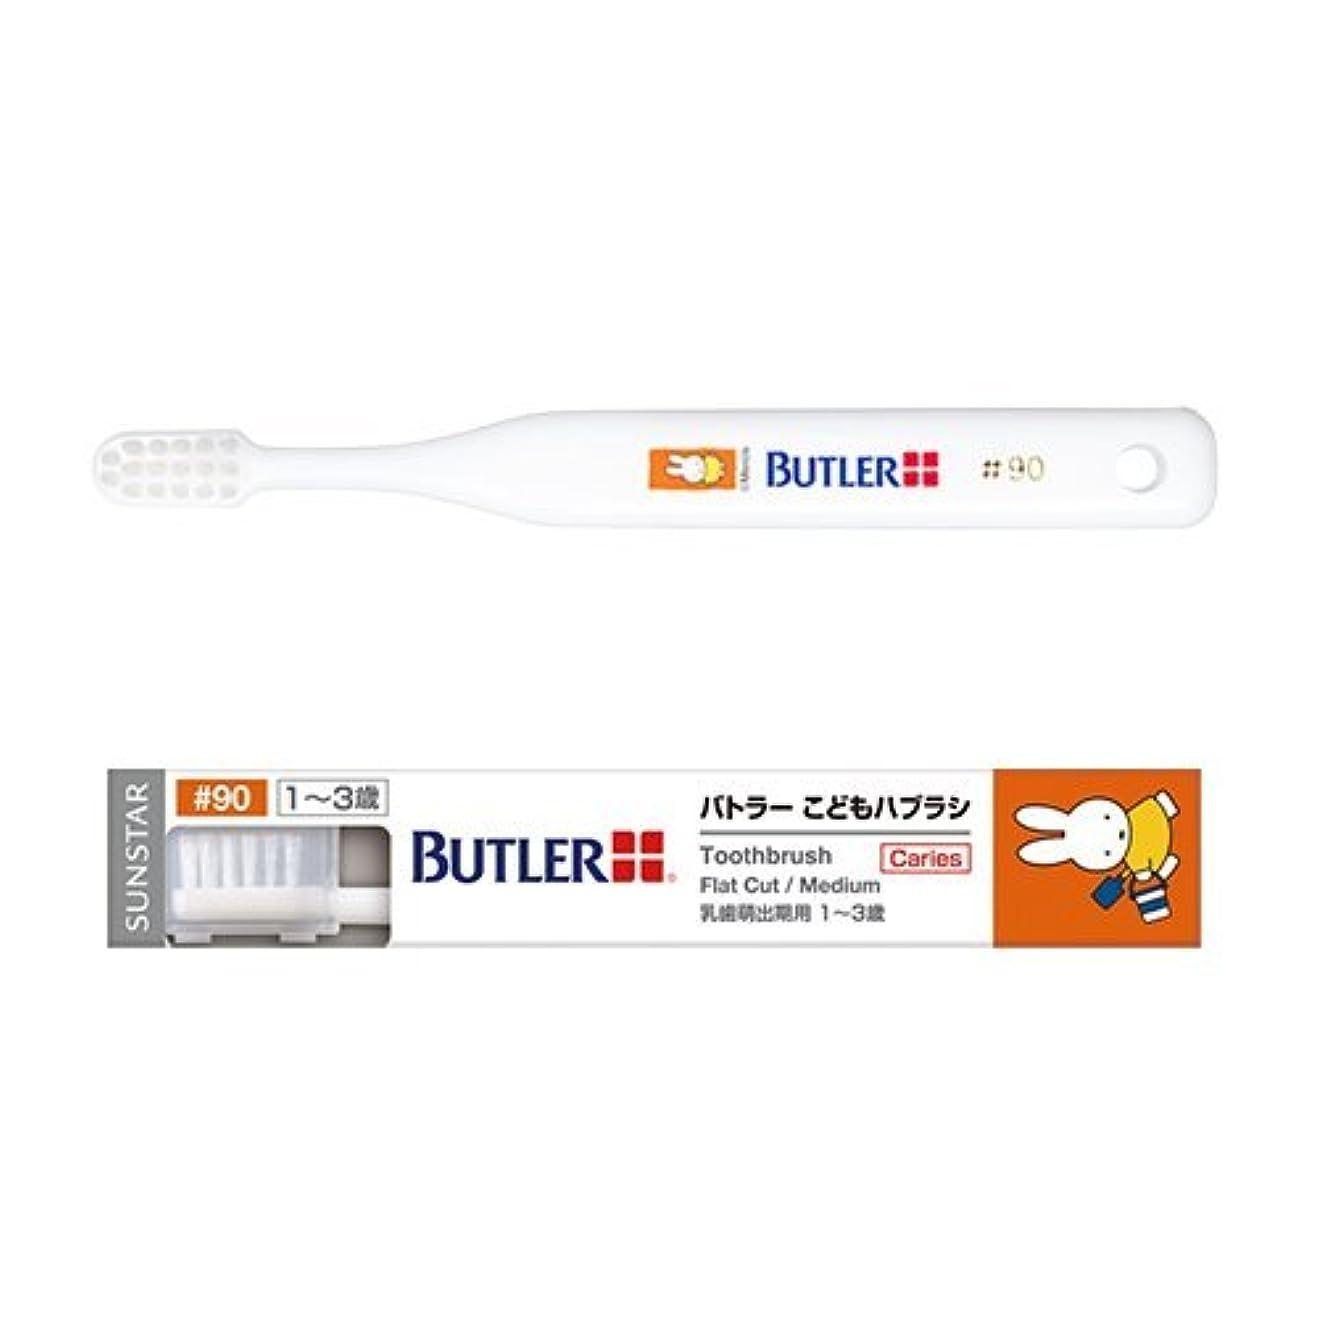 無実ベッド壁【キャップ付き】 バトラー 歯ブラシ ミッフィーシリーズ 1本 #90